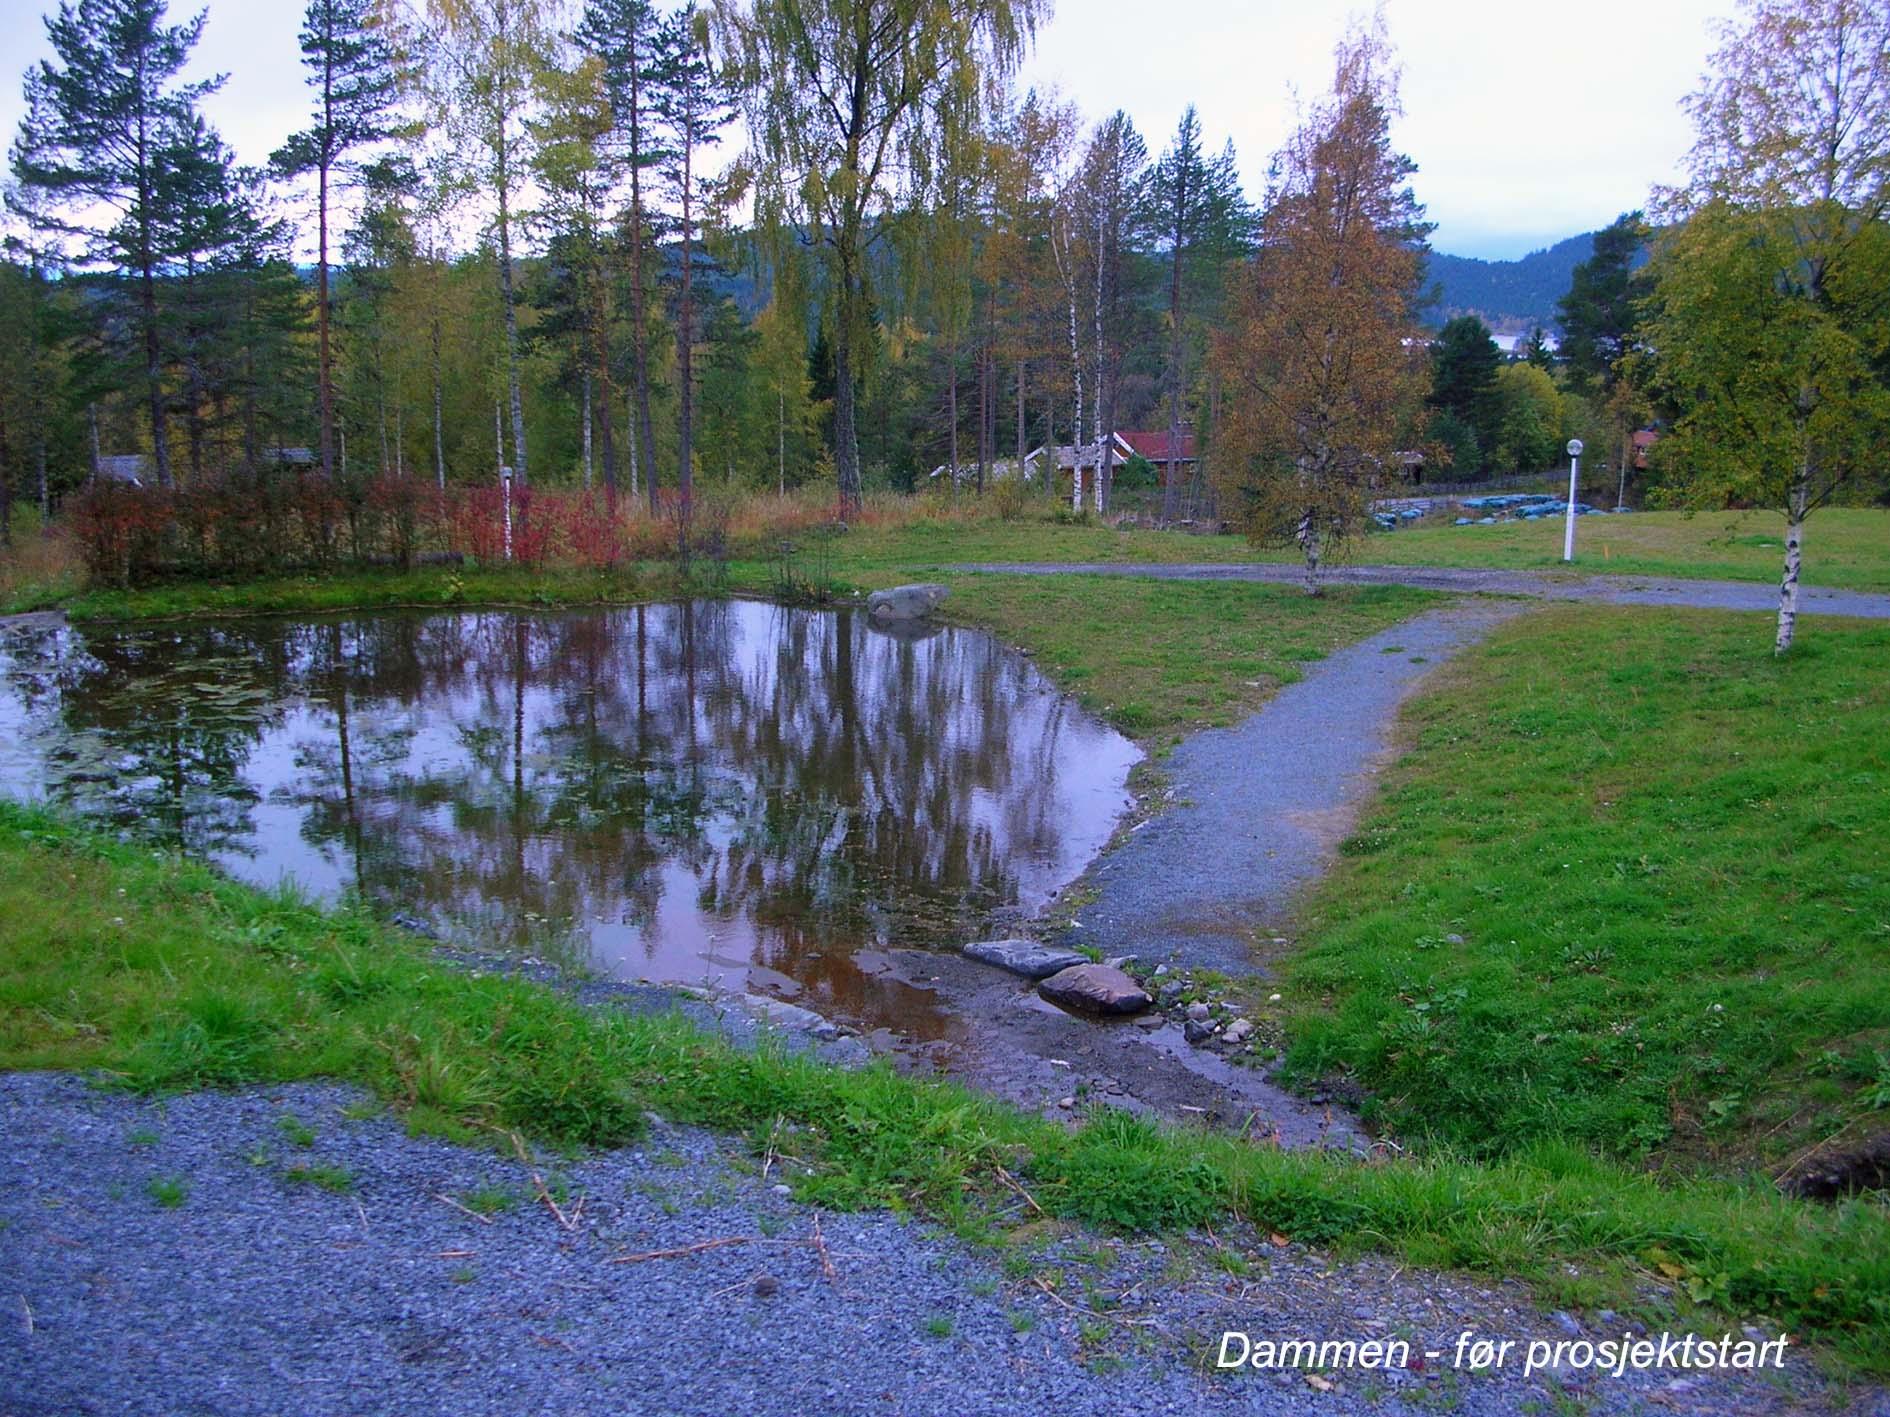 dammen før projektstart